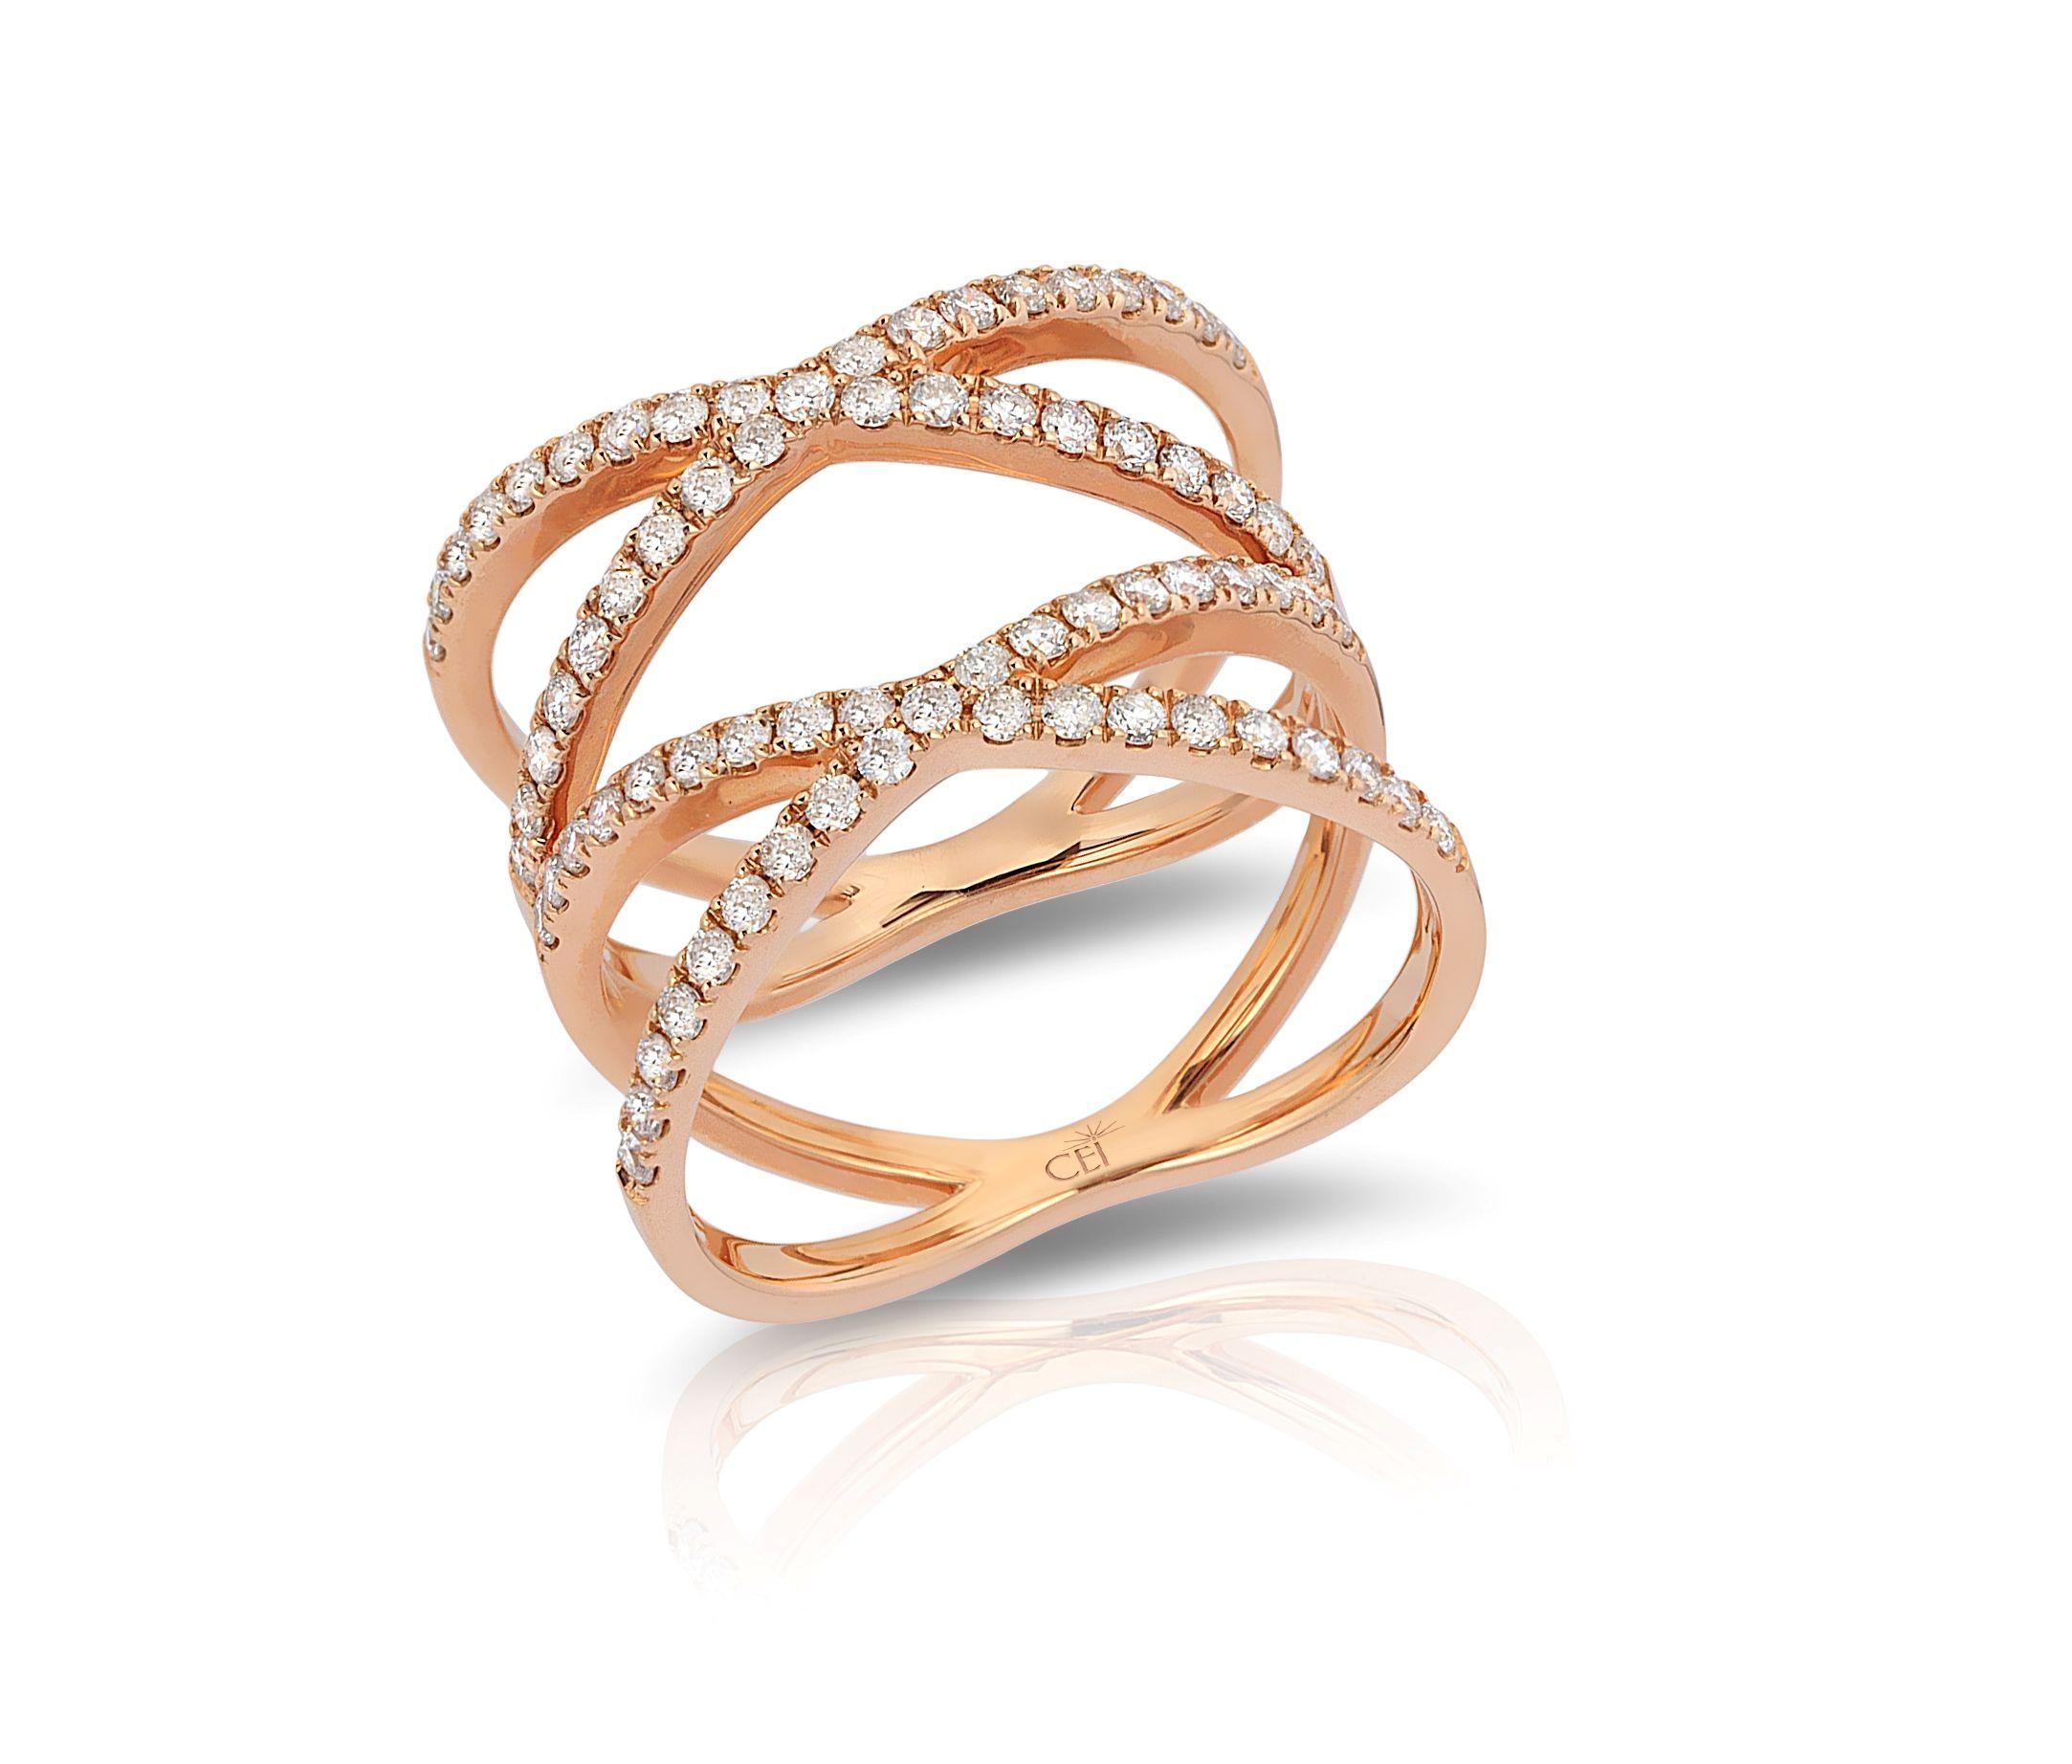 14k rose gold diamond ring Rose gold diamond ring Gold diamond